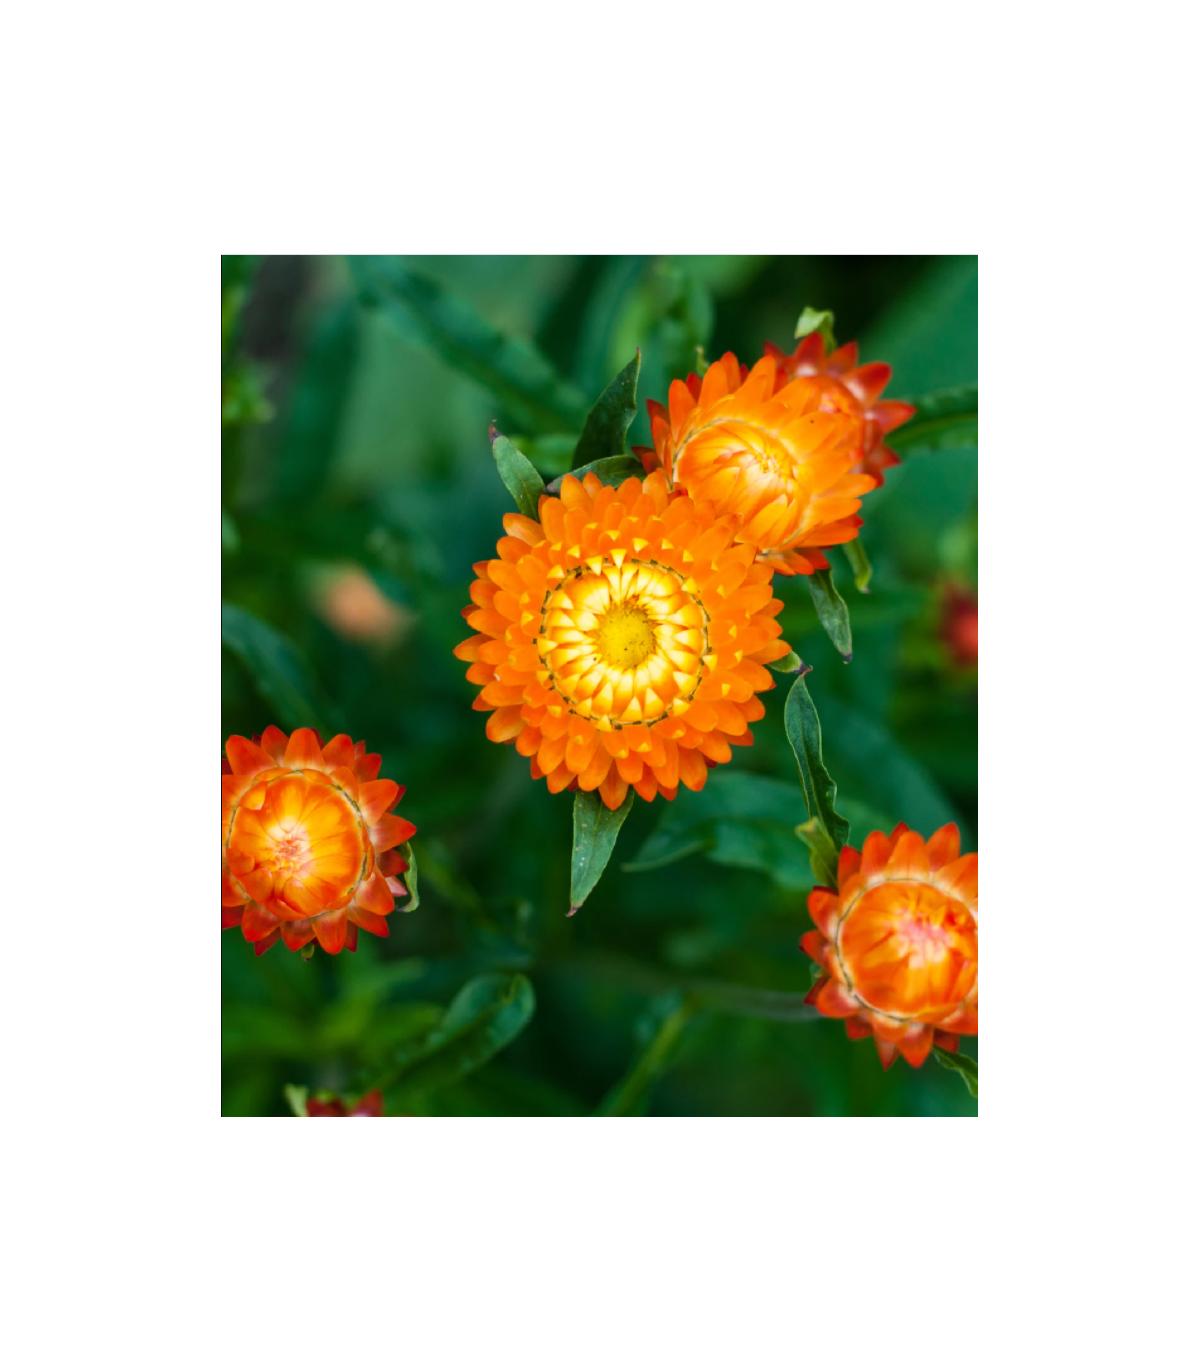 Smil listenatý oranžový- Helichrysum bracteatum - semená smilu - 500ks